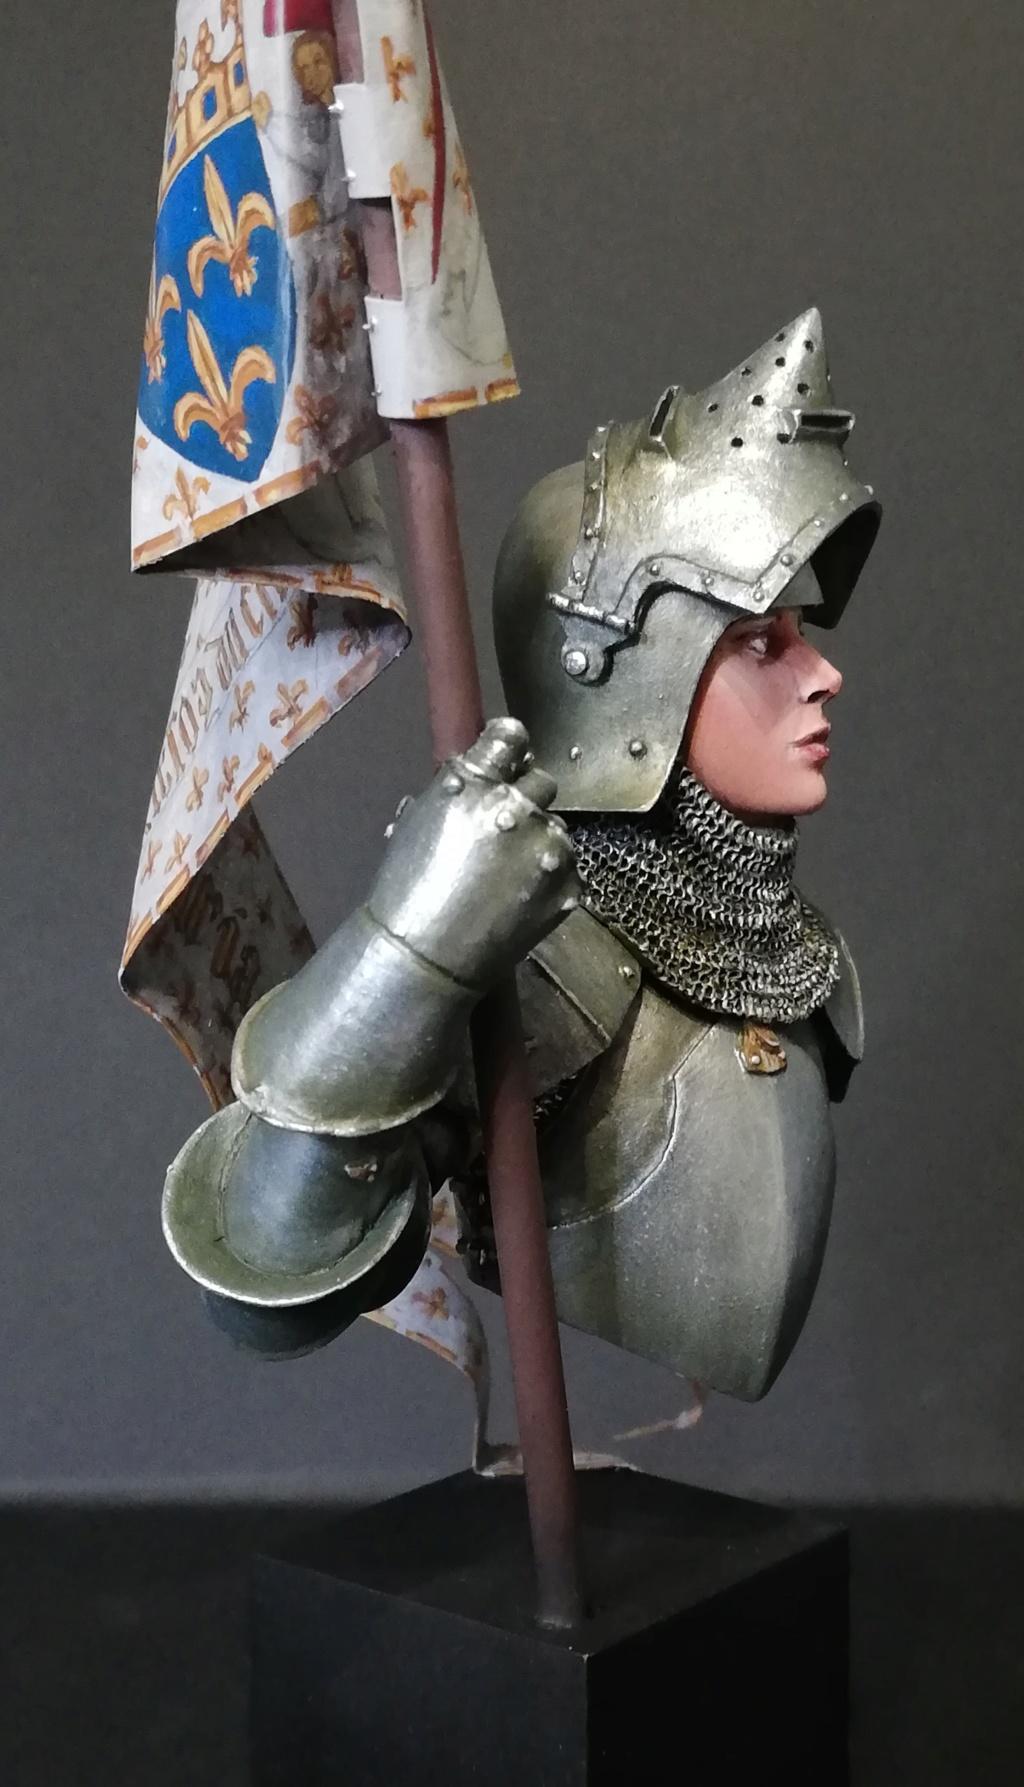 Jeanne d'Arc - retouches et nouvelles photos - Page 2 Jeanne46